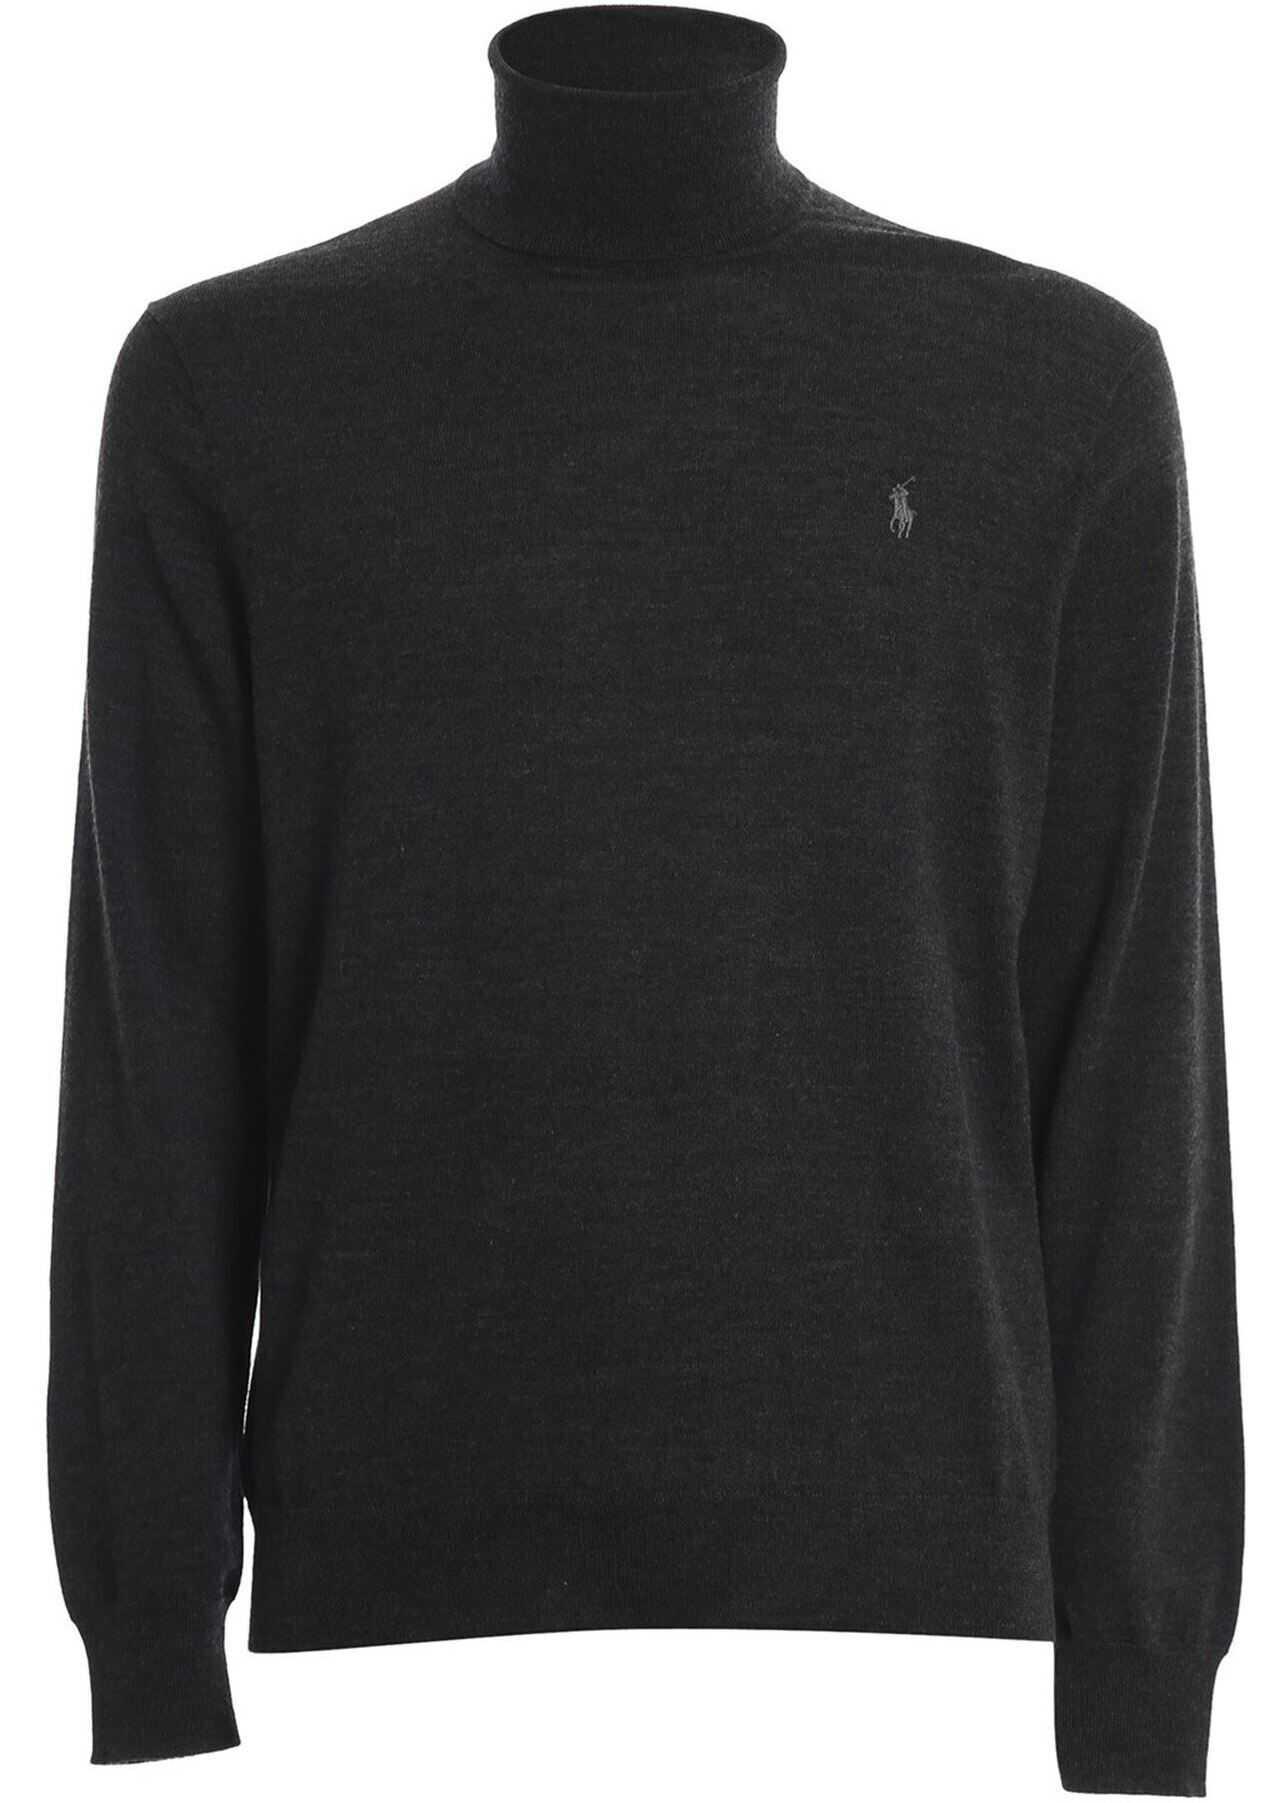 Ralph Lauren Merino Wool Black Turtleneck In Grey Grey imagine